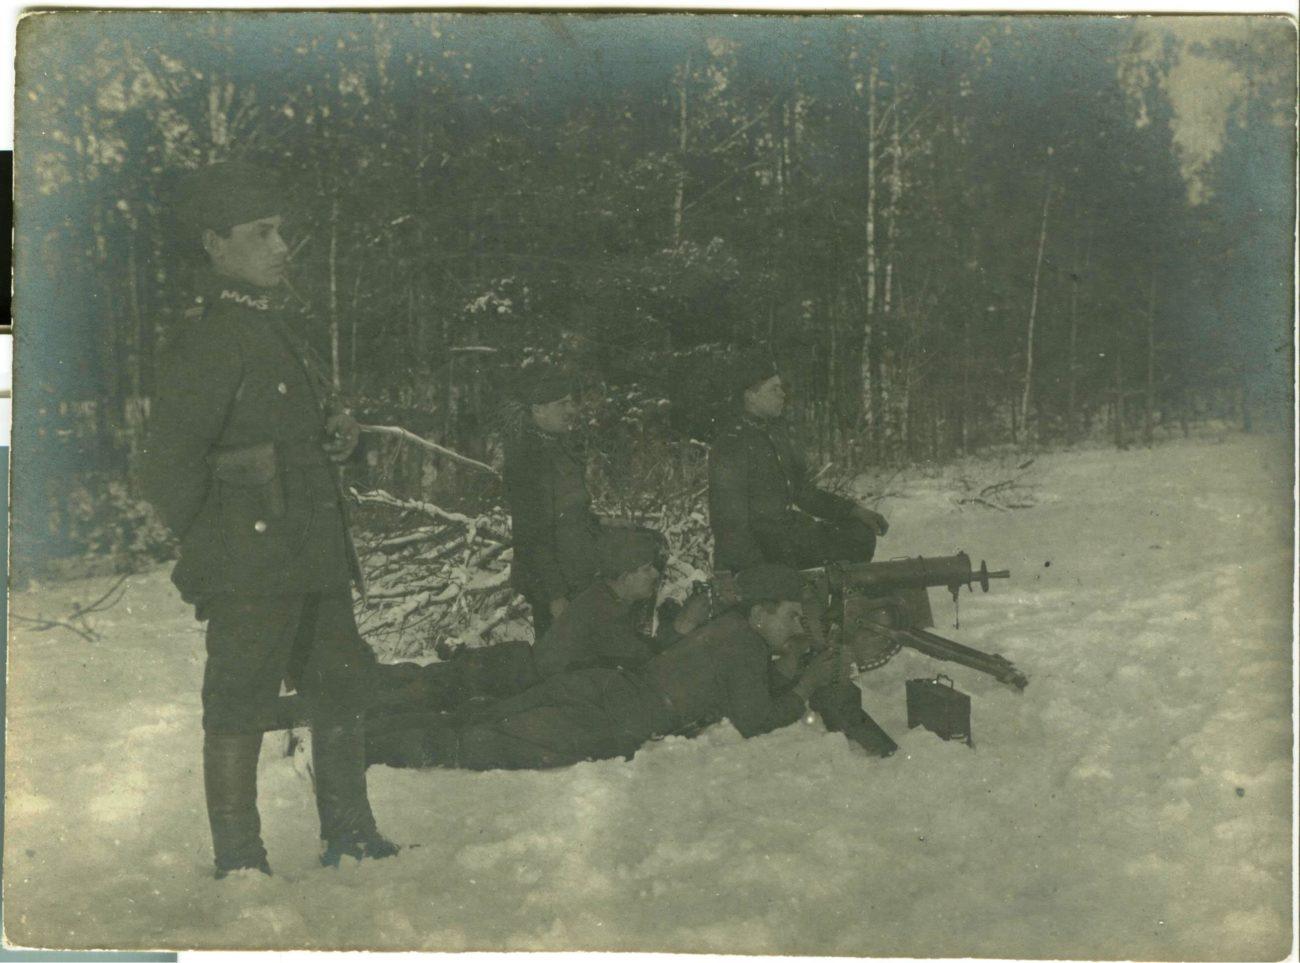 Dzieje 34 pułku piechoty w latach 1919-1939 (cz. 3)